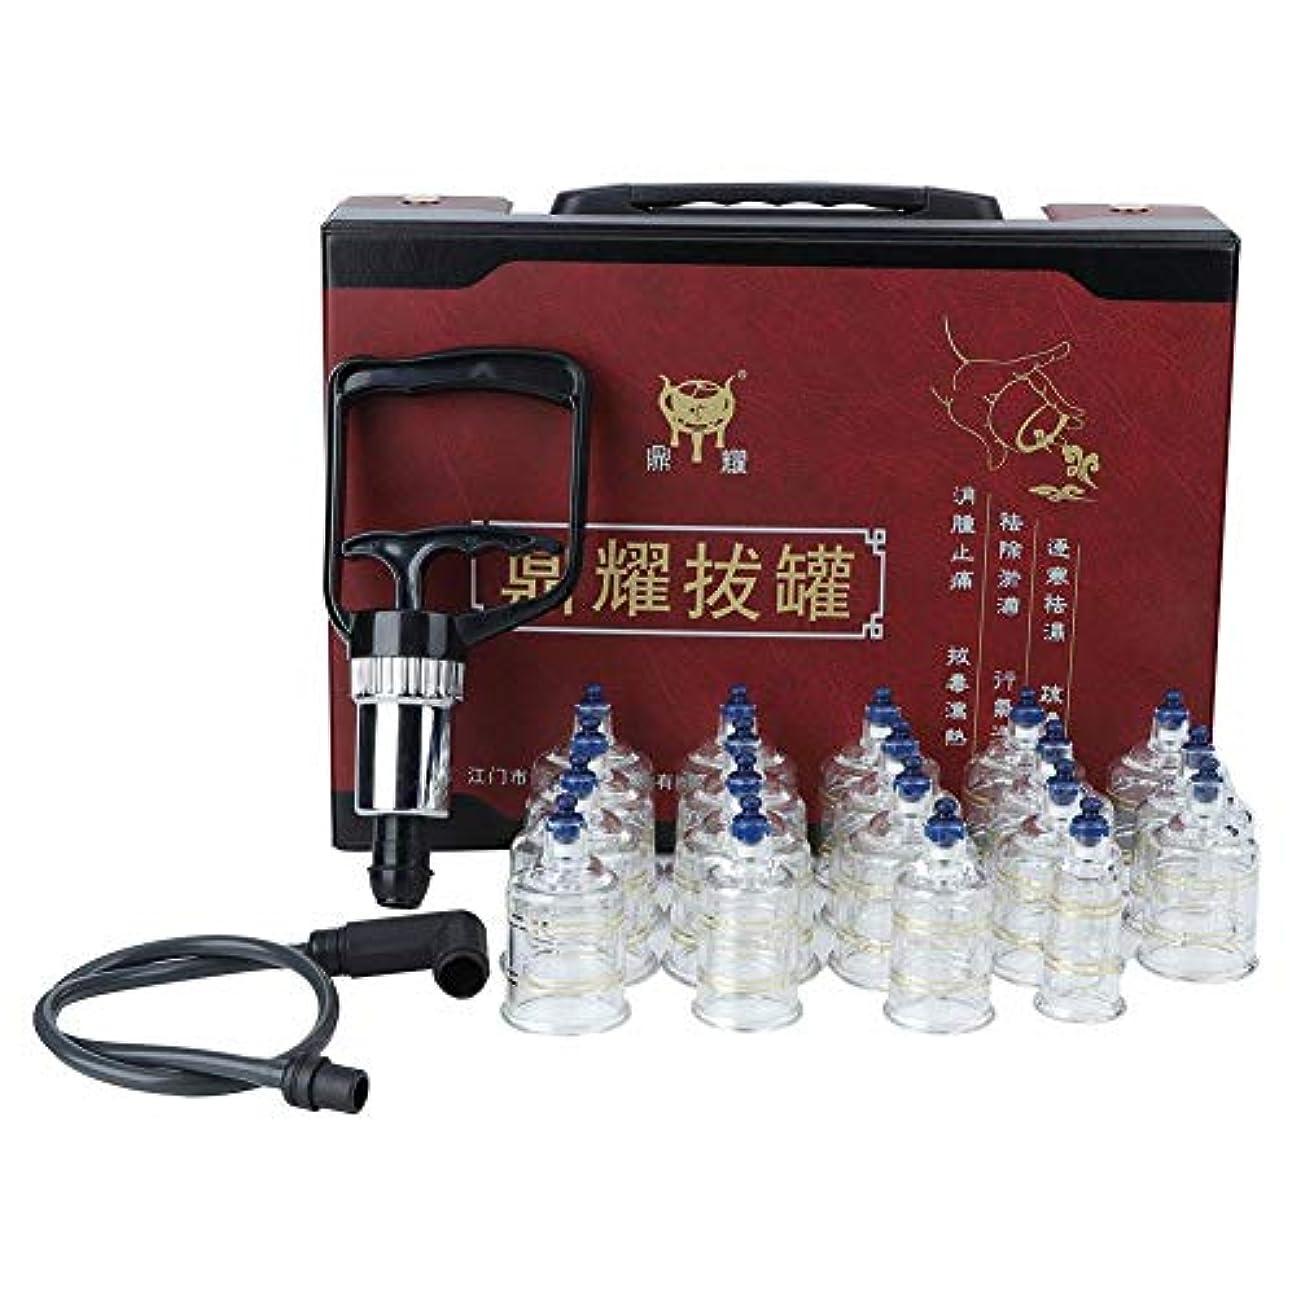 ホースエネルギーアニメーションカッピングセット中国のツボカッピング療法セット、吸引カップジャー真空カッピングセットマッサージセラピーマッサージ用カッピングツール